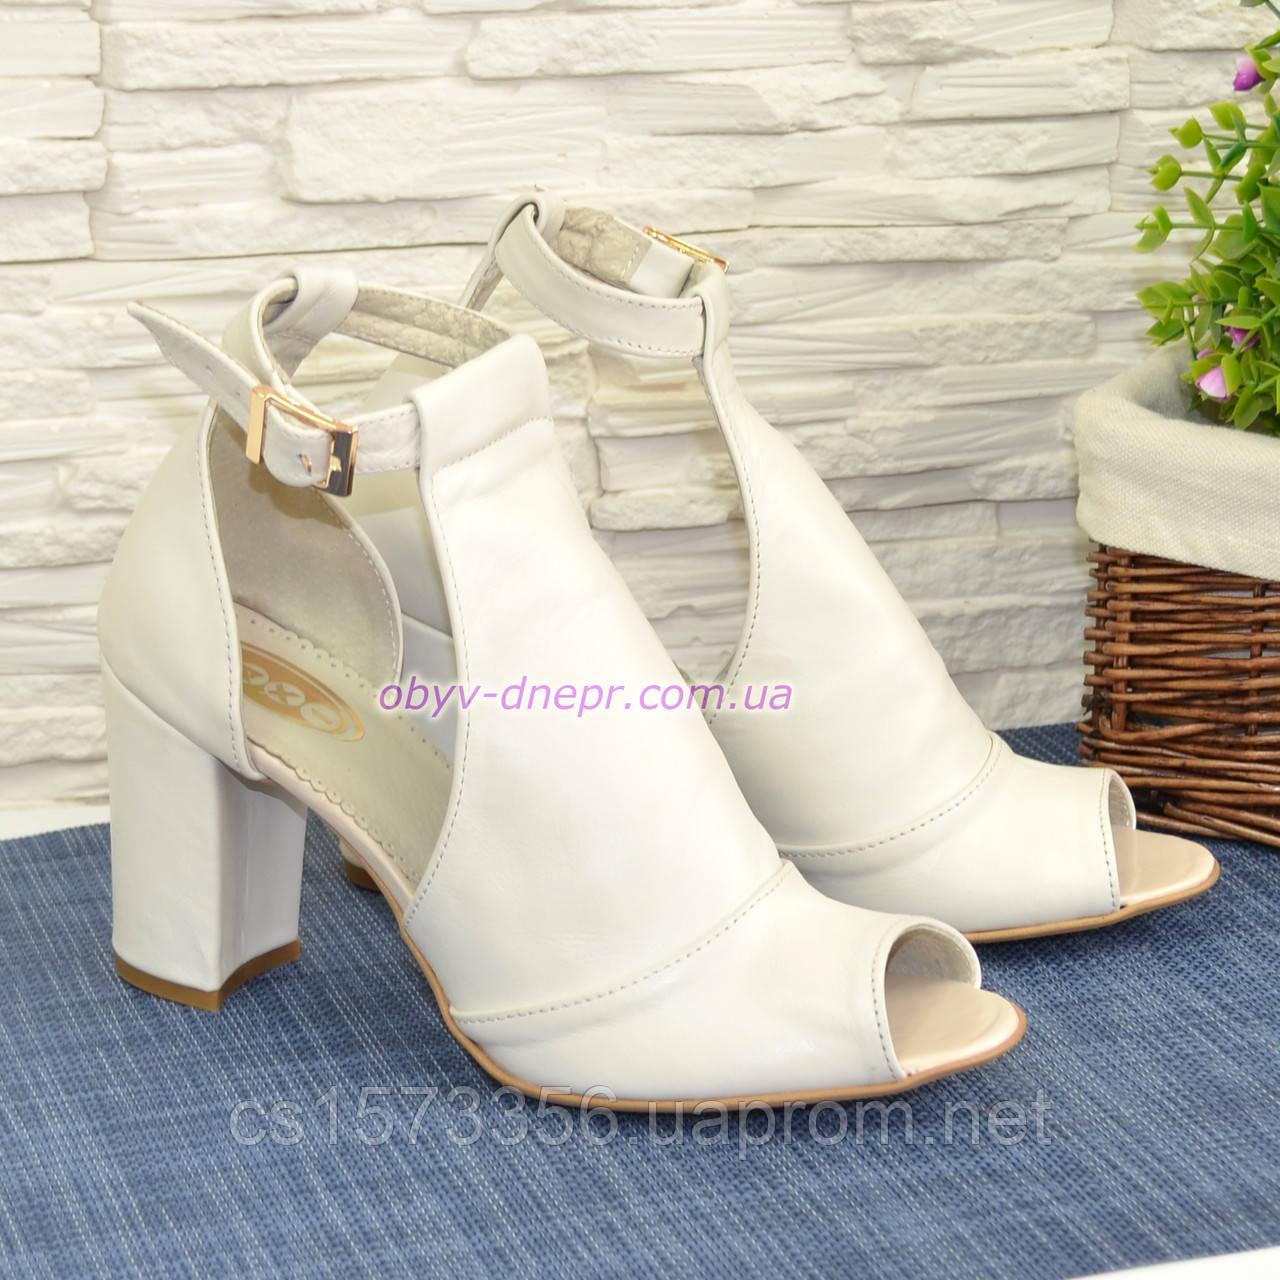 Женские кожаные босоножки на устойчивом каблуке, цвет бежевый